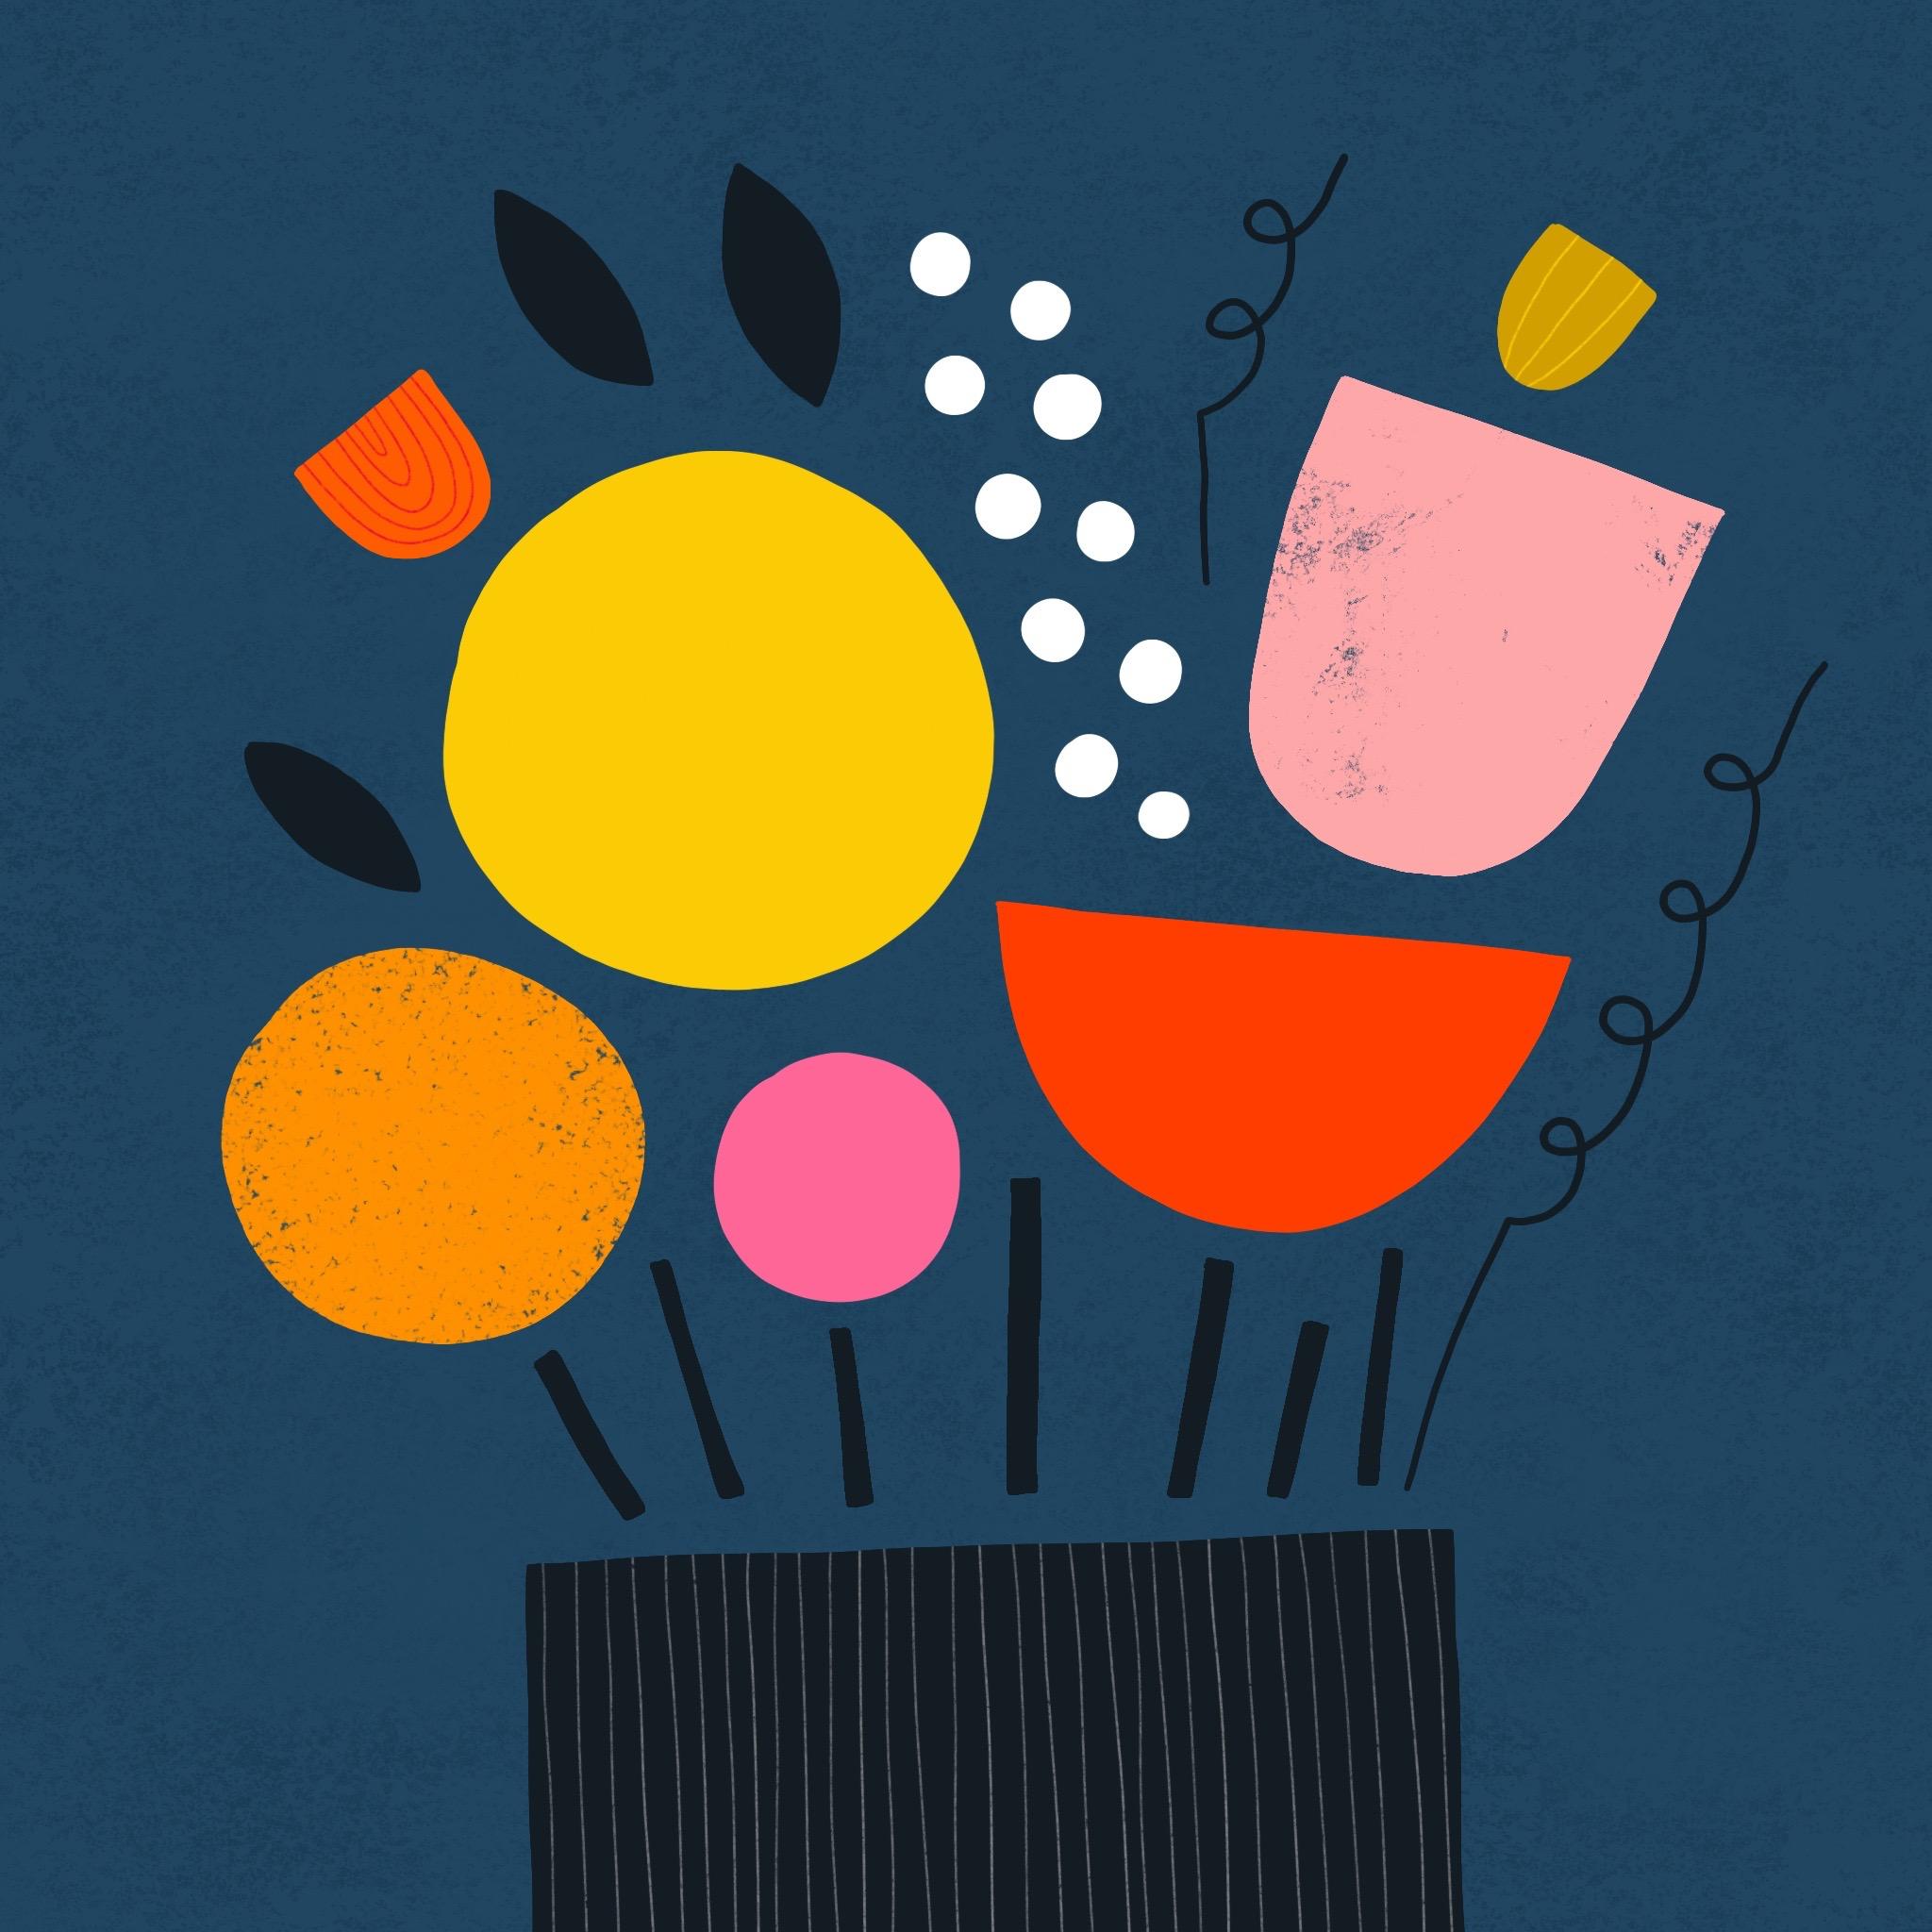 Illustration by Lisa Bamford